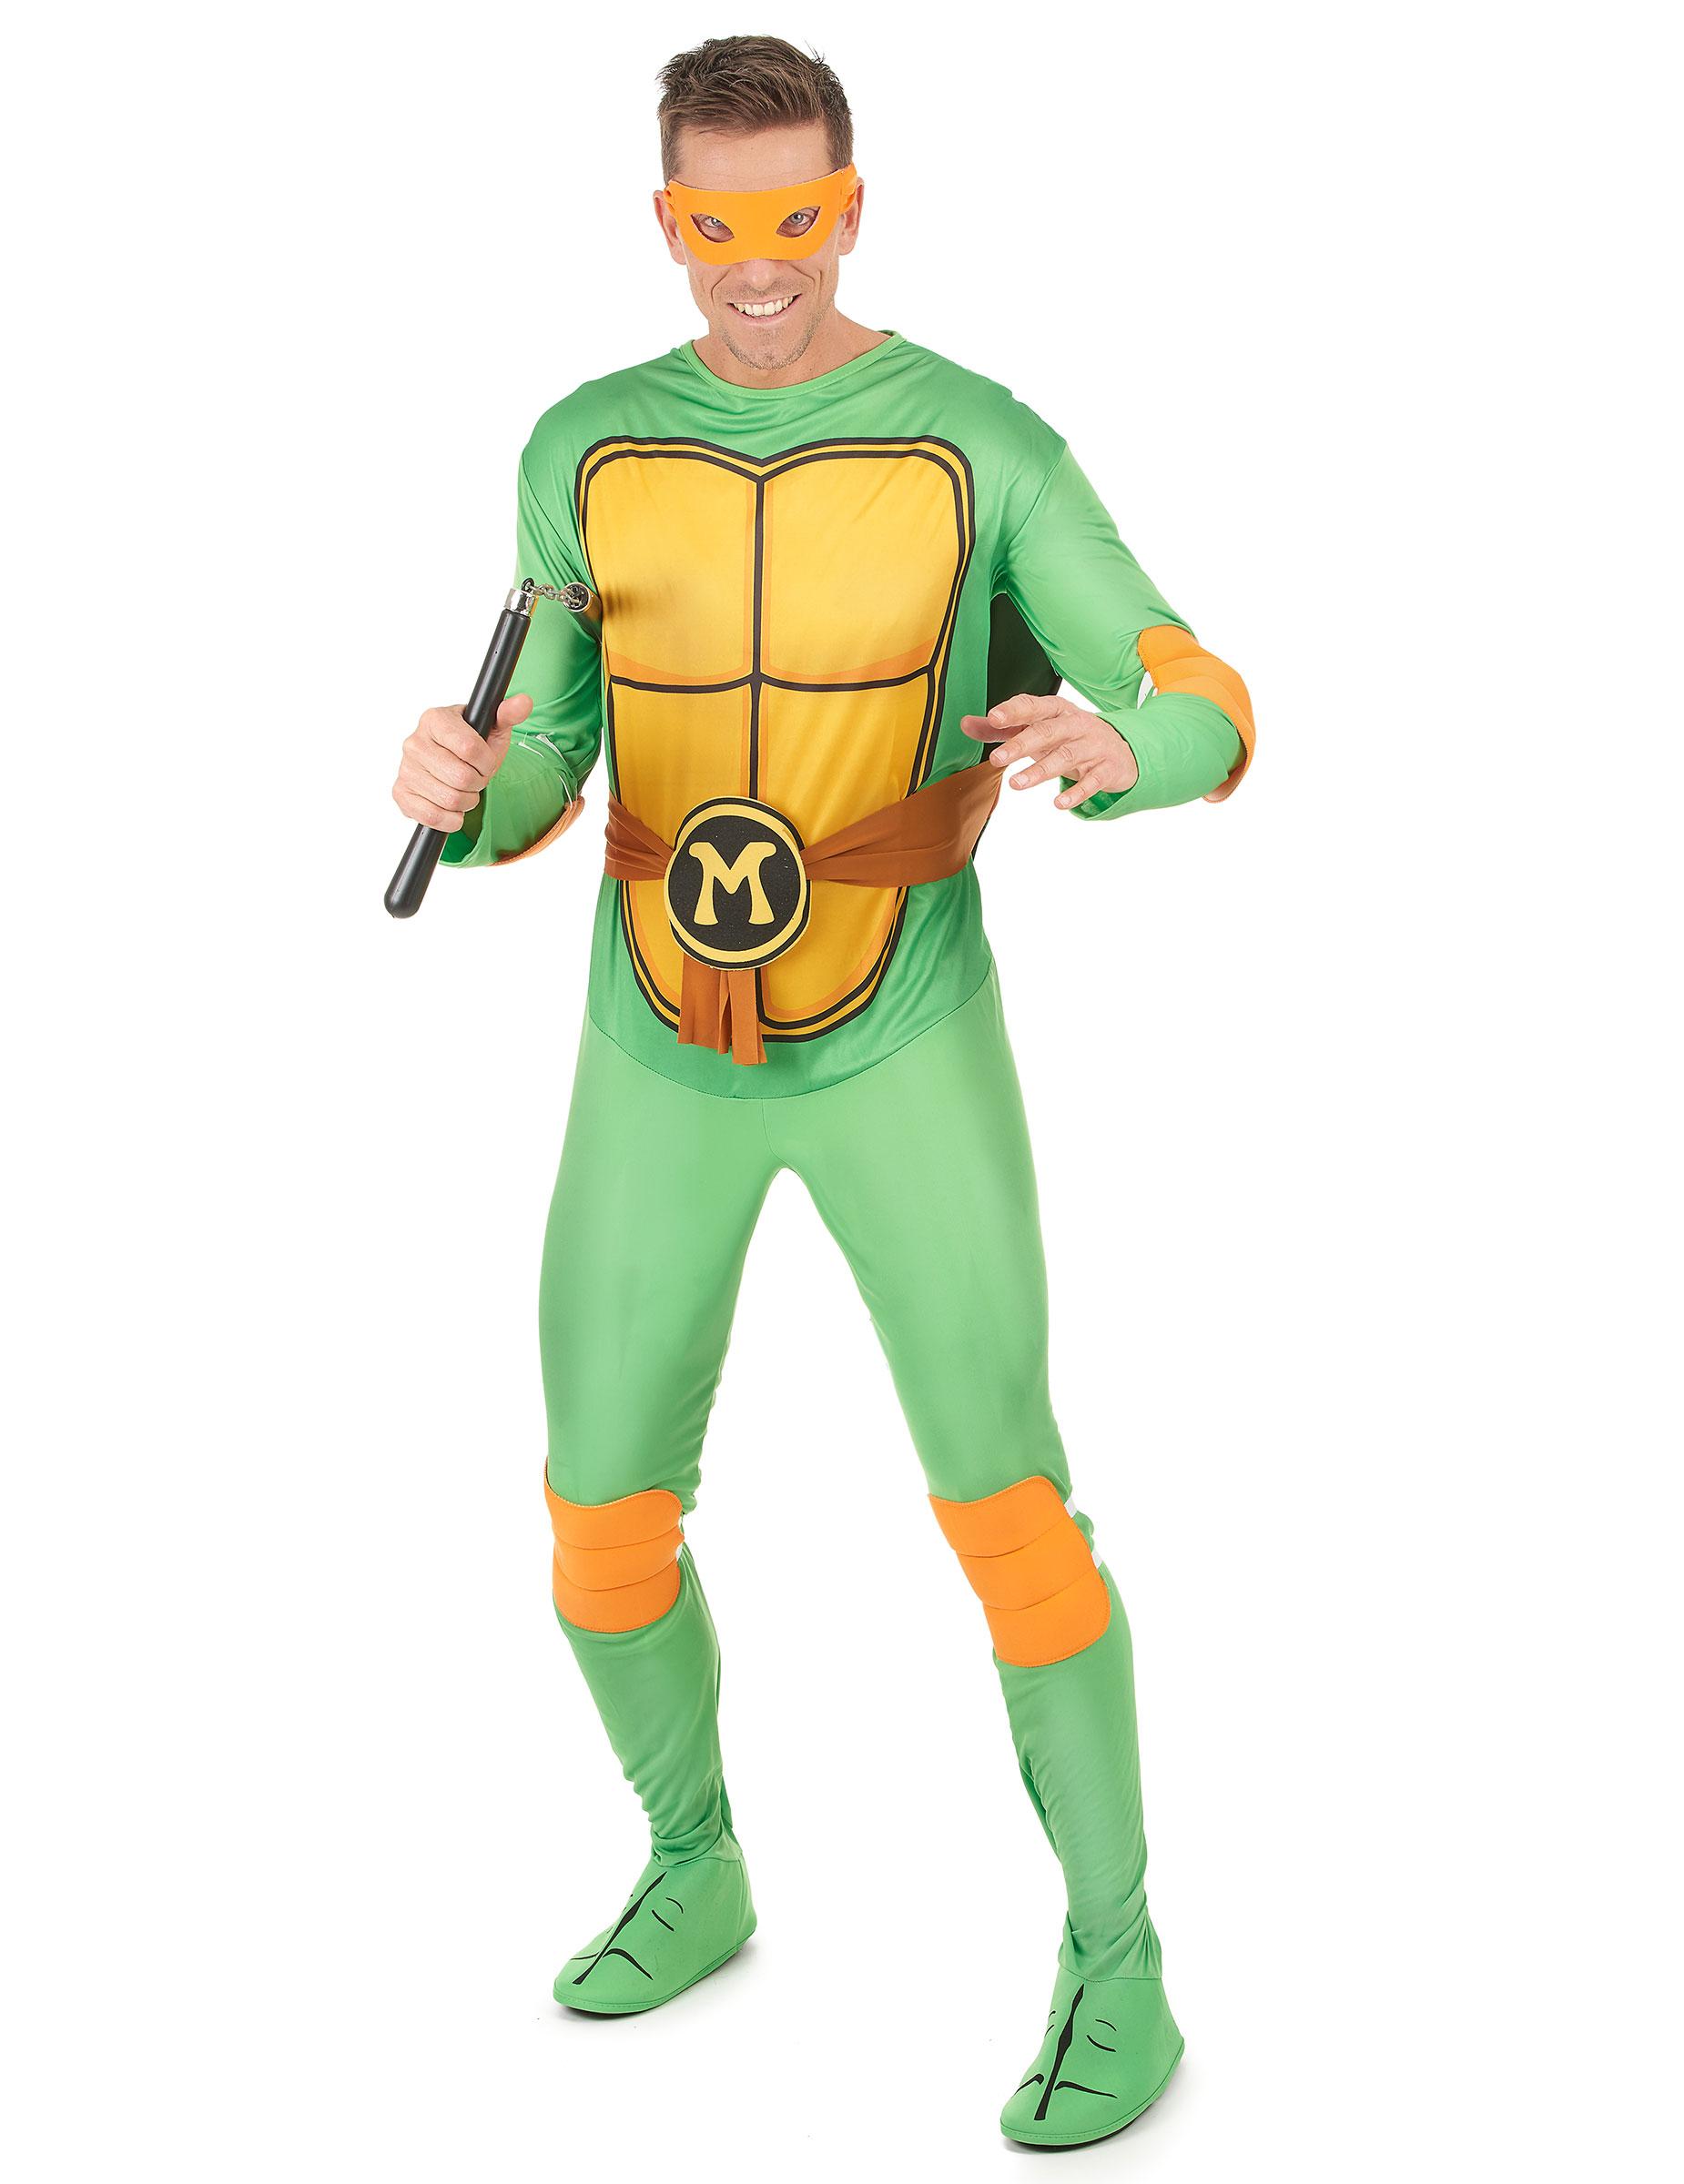 Deguisement Classique Michelangelo Tortues Ninja Adulte Achat De Deguisements Adultes Sur Vegaoopro Grossiste En Deguisements